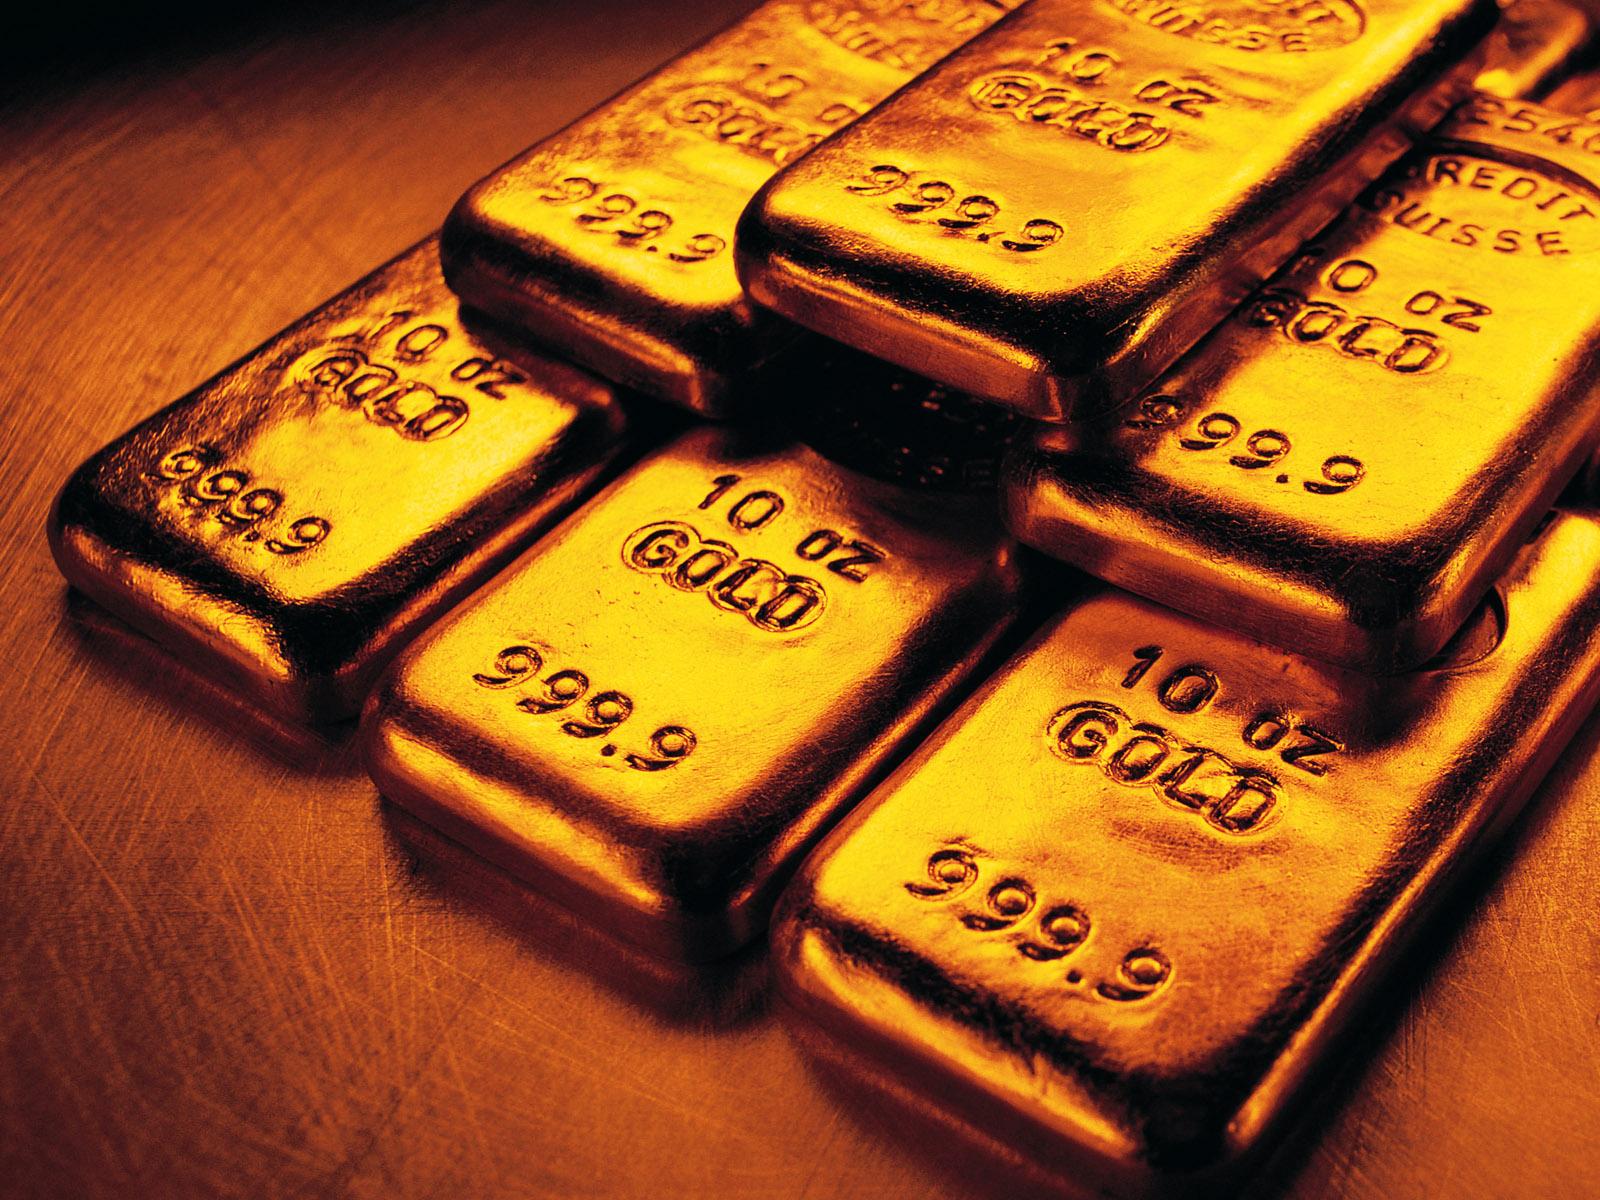 تراجع أسعار الذهب ترقباً لانتهاء أزمة الديون اليونانية